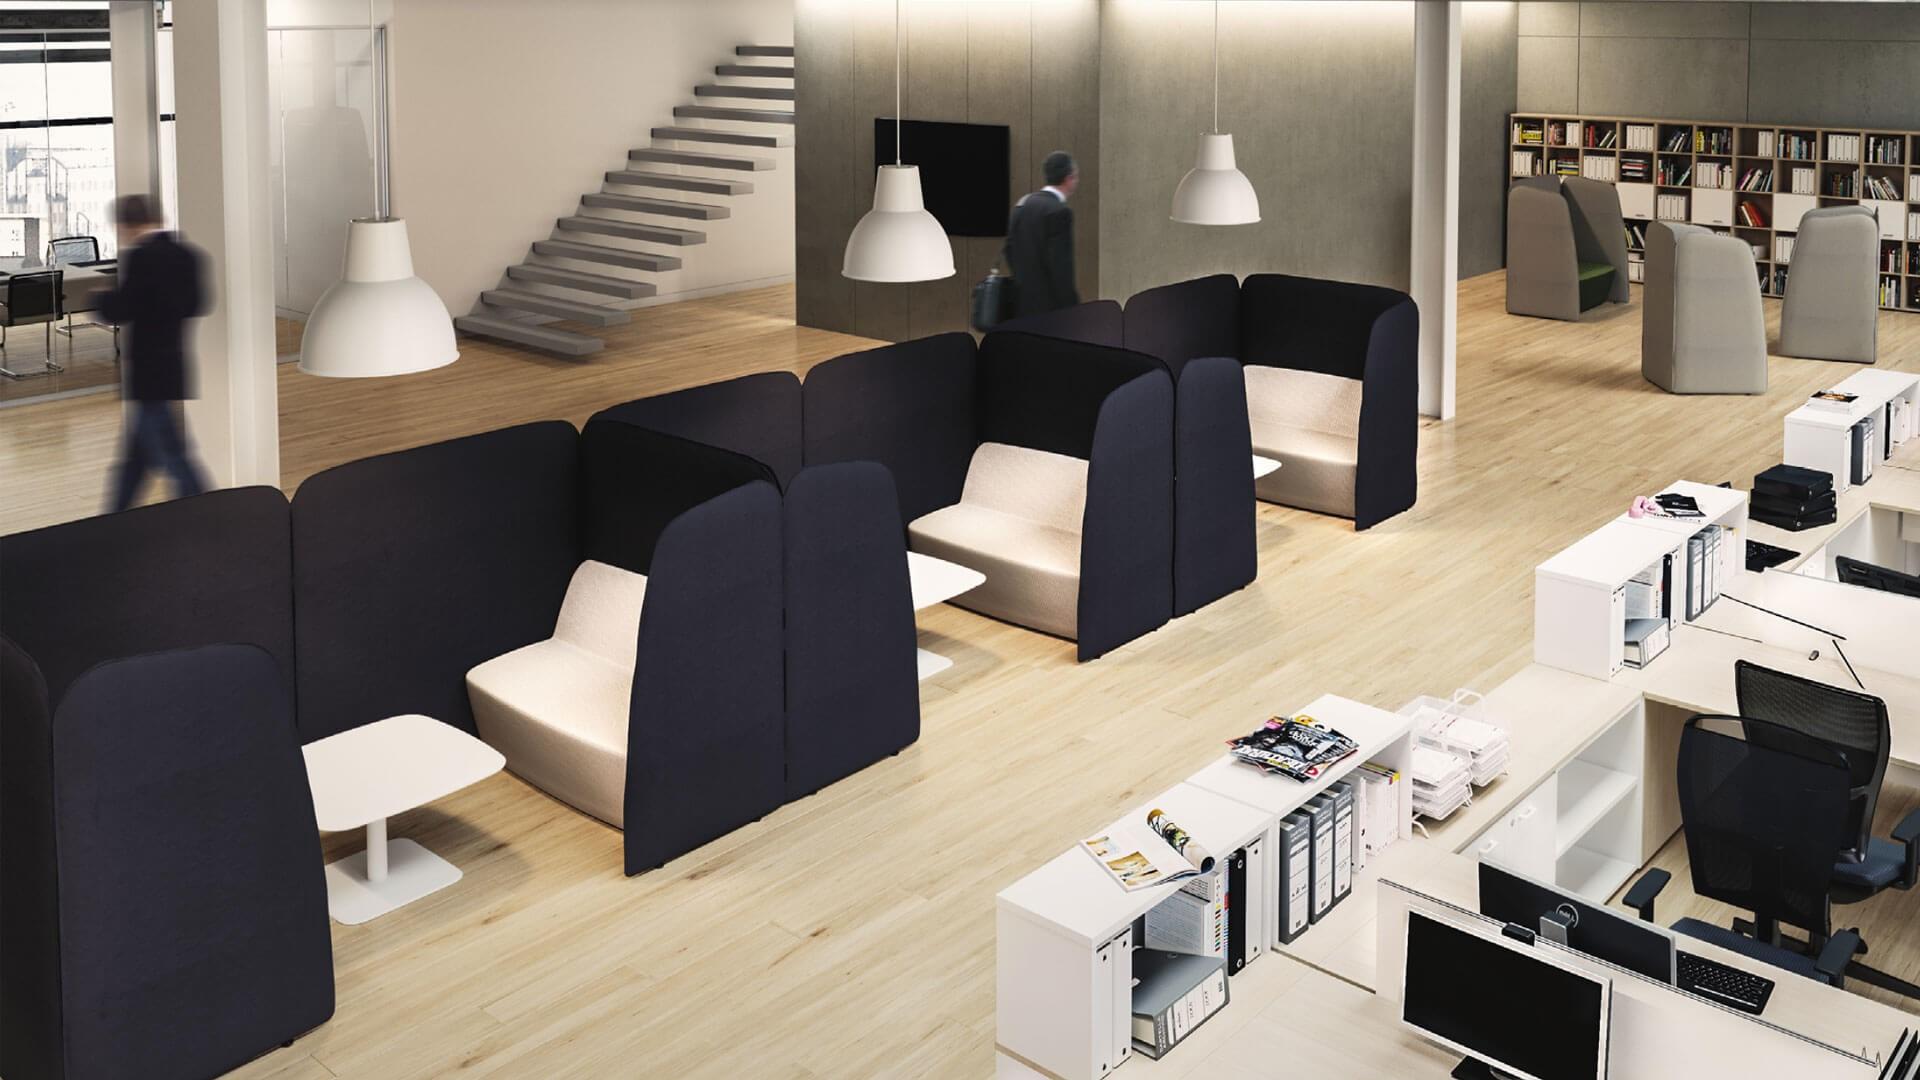 Willtex Pisos De Madera Muebles De Oficina Alfombras # Muebles Novedosos